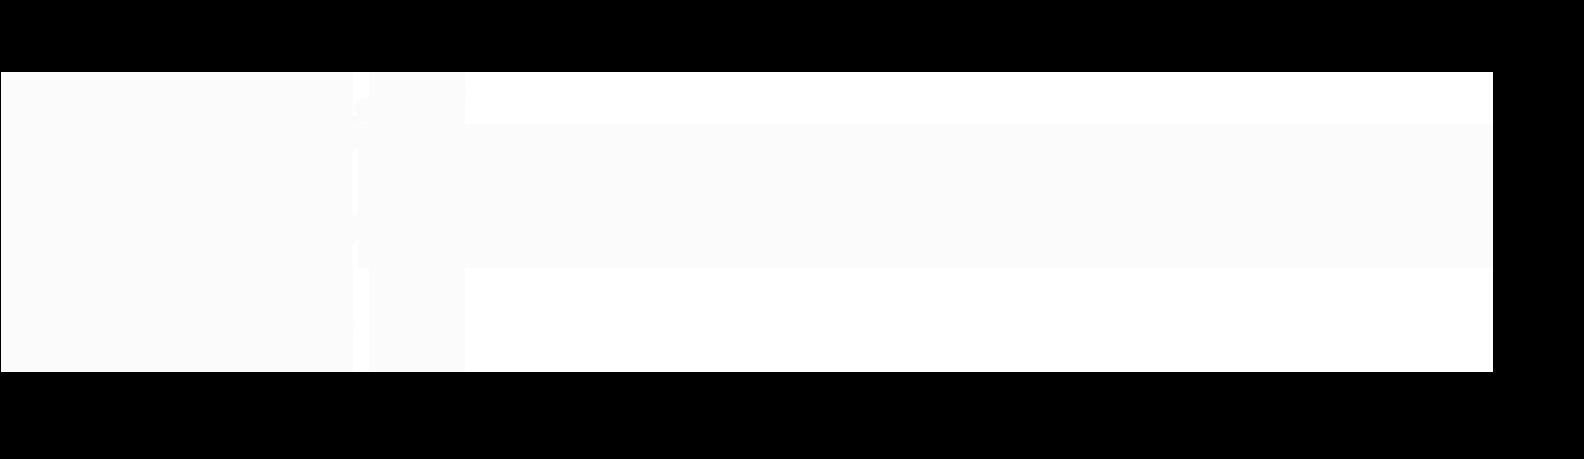 2021 Anthology Updates- January